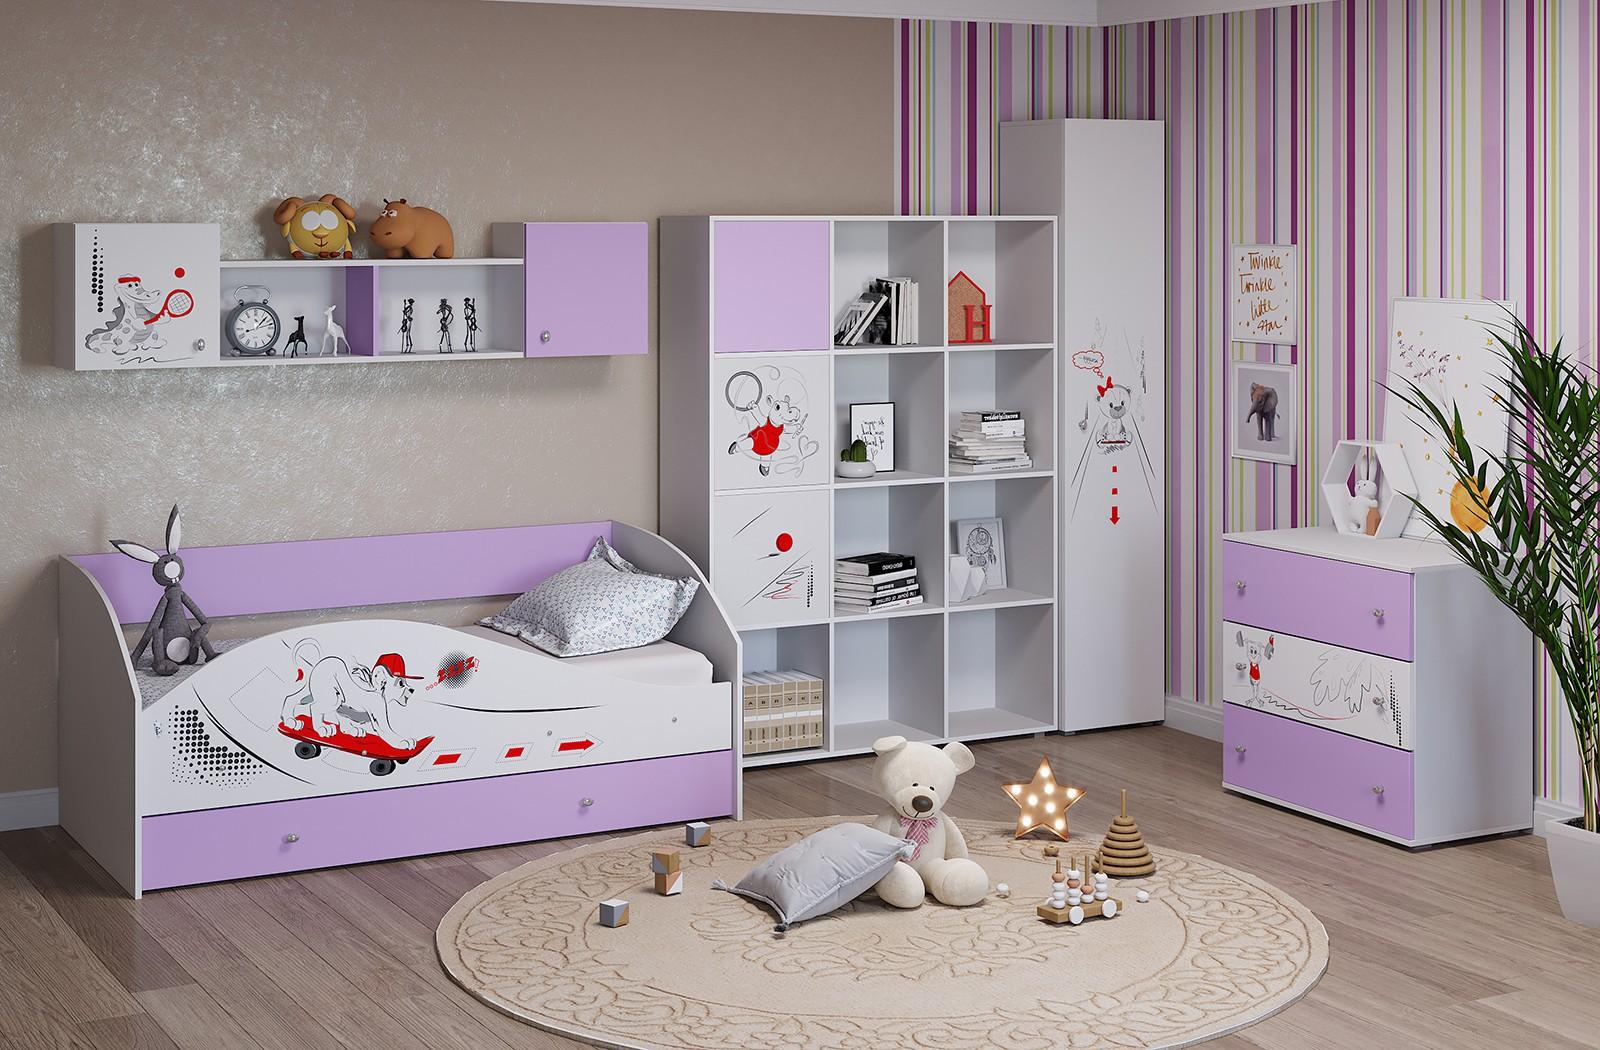 cf804314b Детский набор Симба - Интернет-магазин Гермес-Мебель, Екатеринбург